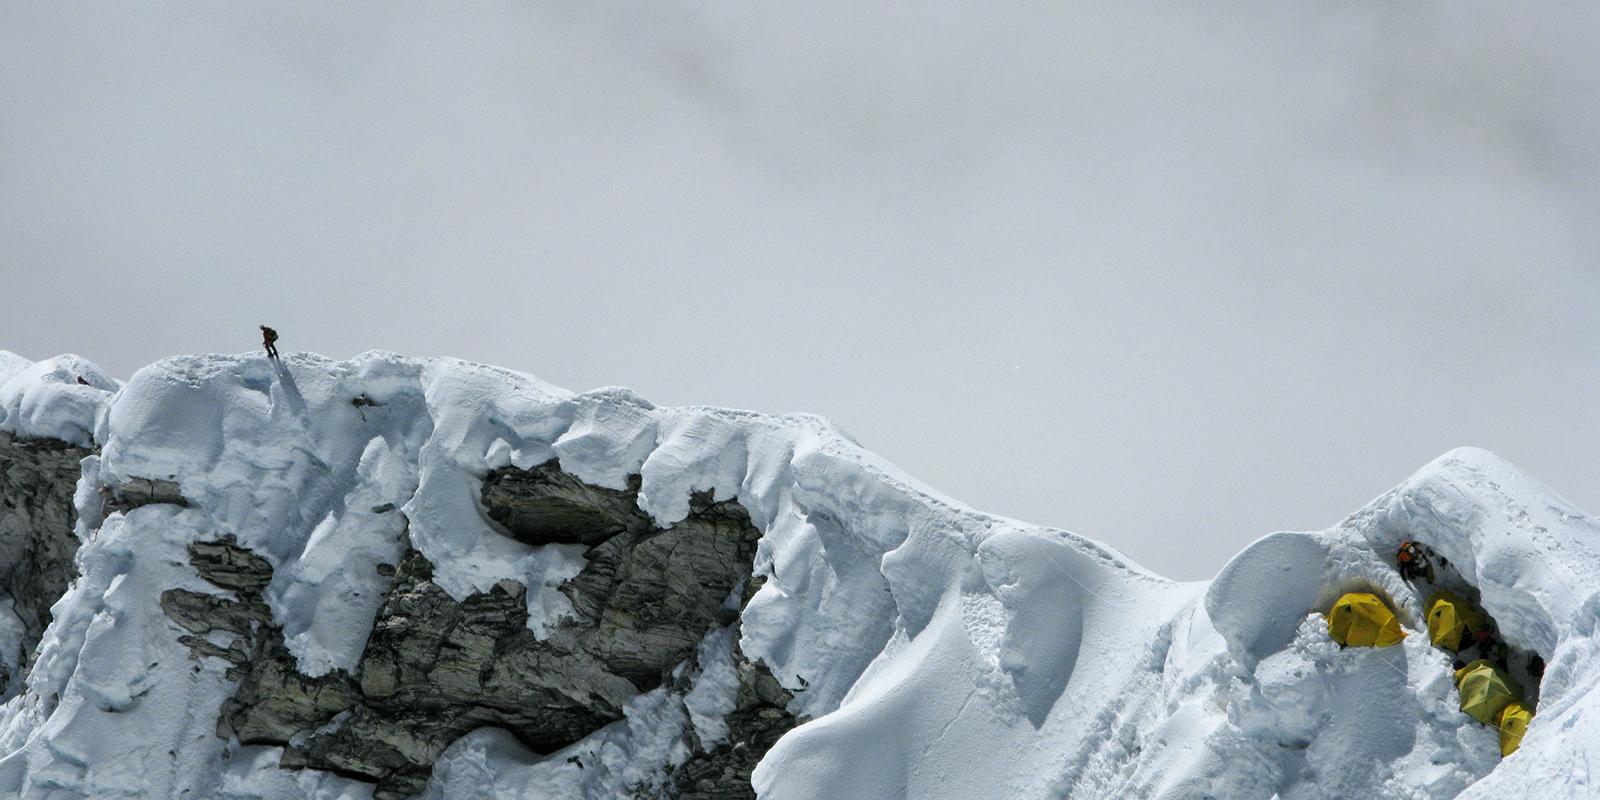 Crux media Climbing Photography based in Aspen, Colorado